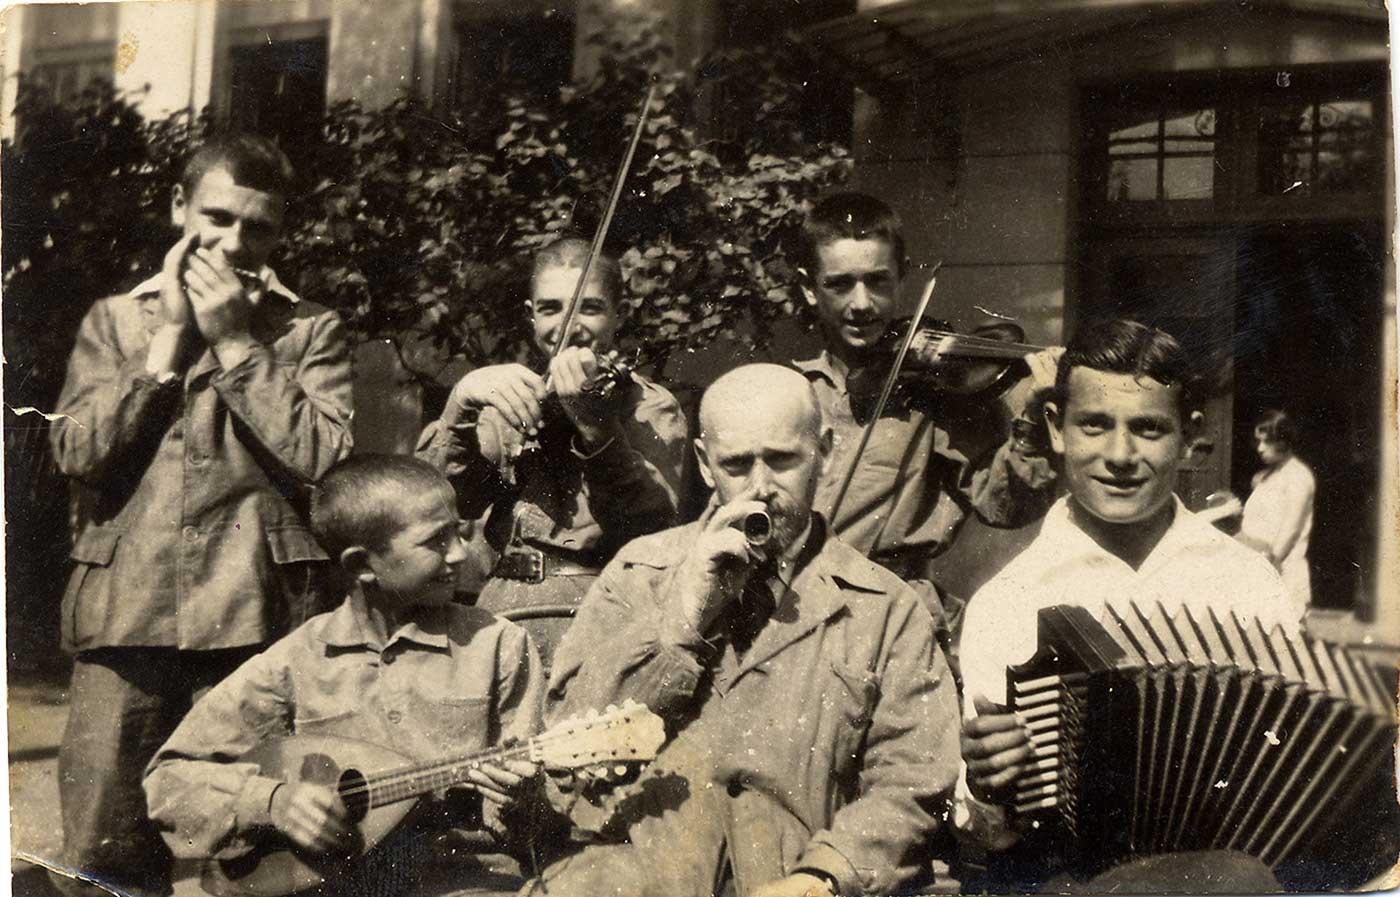 Sammy Gogol on harmonica, Korczak on kazoo.